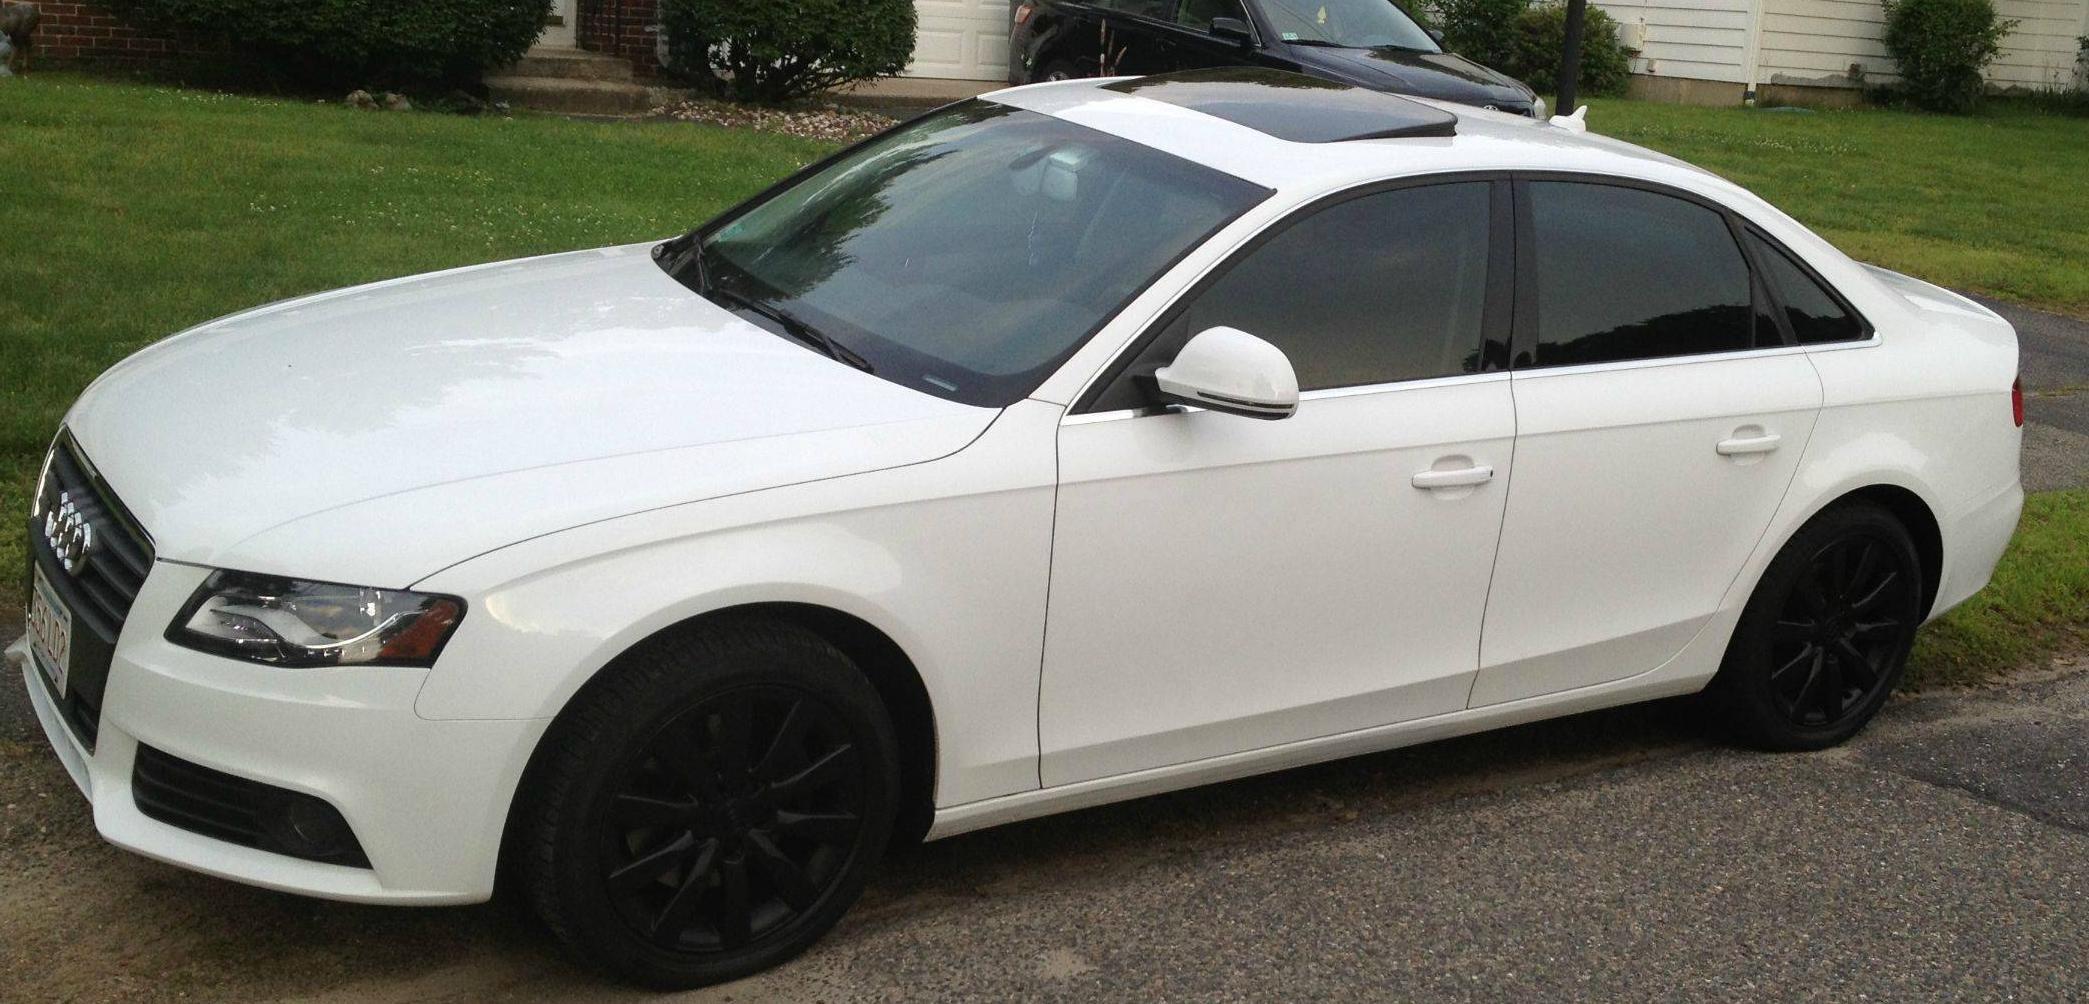 audi a4 black rims - Căutare Google | Audi a4 black, Audi a4, Black rims | Audi A4 White Black Rims |  | Pinterest